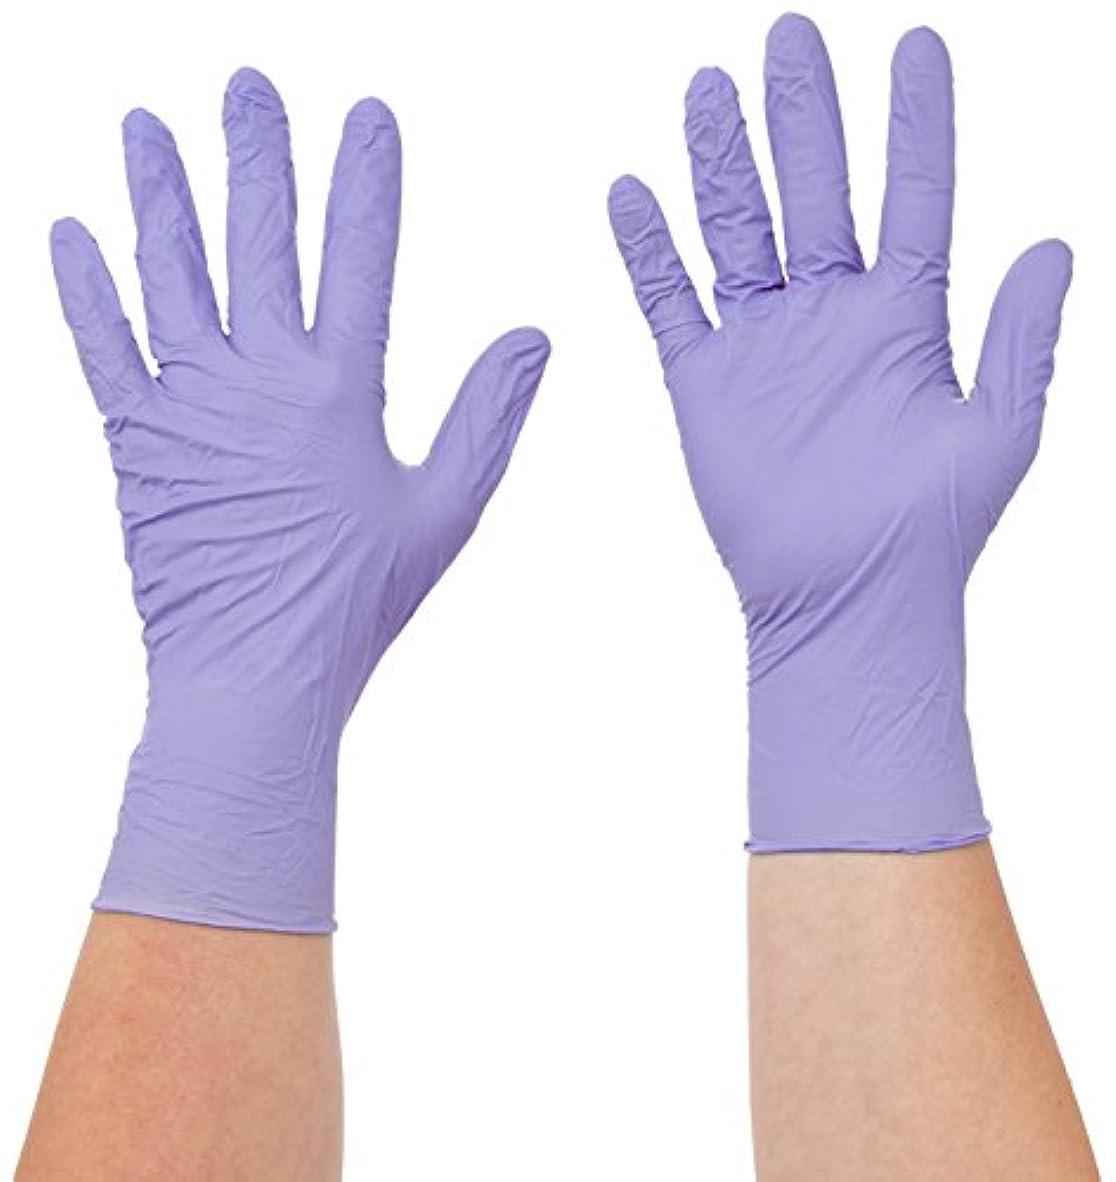 フルーツ敗北仮定、想定。推測Semperit 使い捨てニトリル手袋 Xtra Lite 0.14mm 粉無(入数:200枚) 3000001618